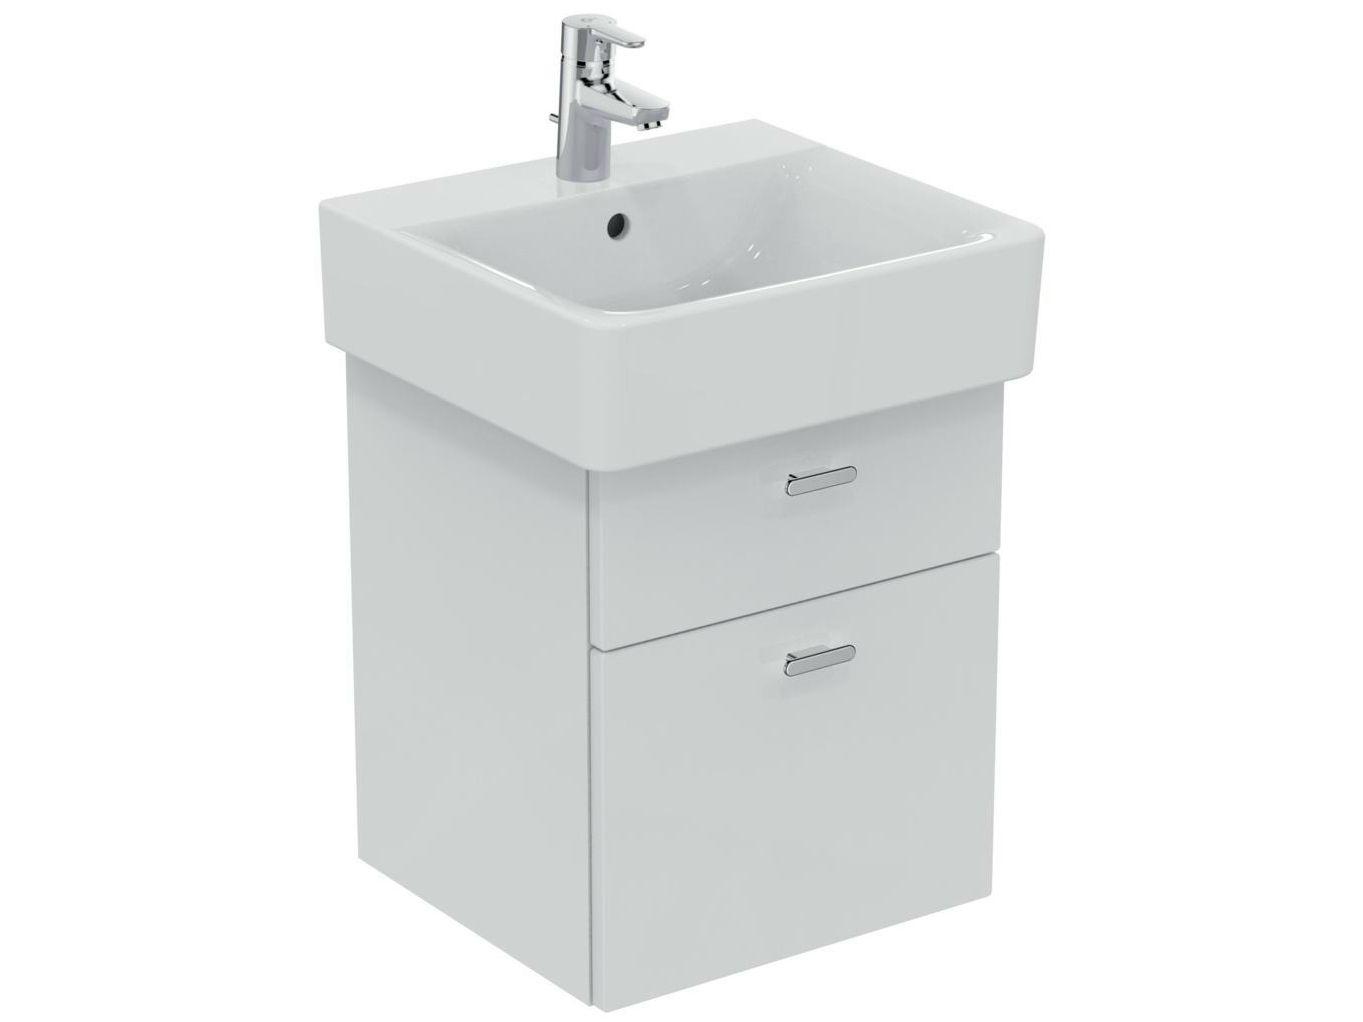 einzel h ngender waschtischunterschrank mit schubladen connect 55 cm c1835 kollektion connect. Black Bedroom Furniture Sets. Home Design Ideas